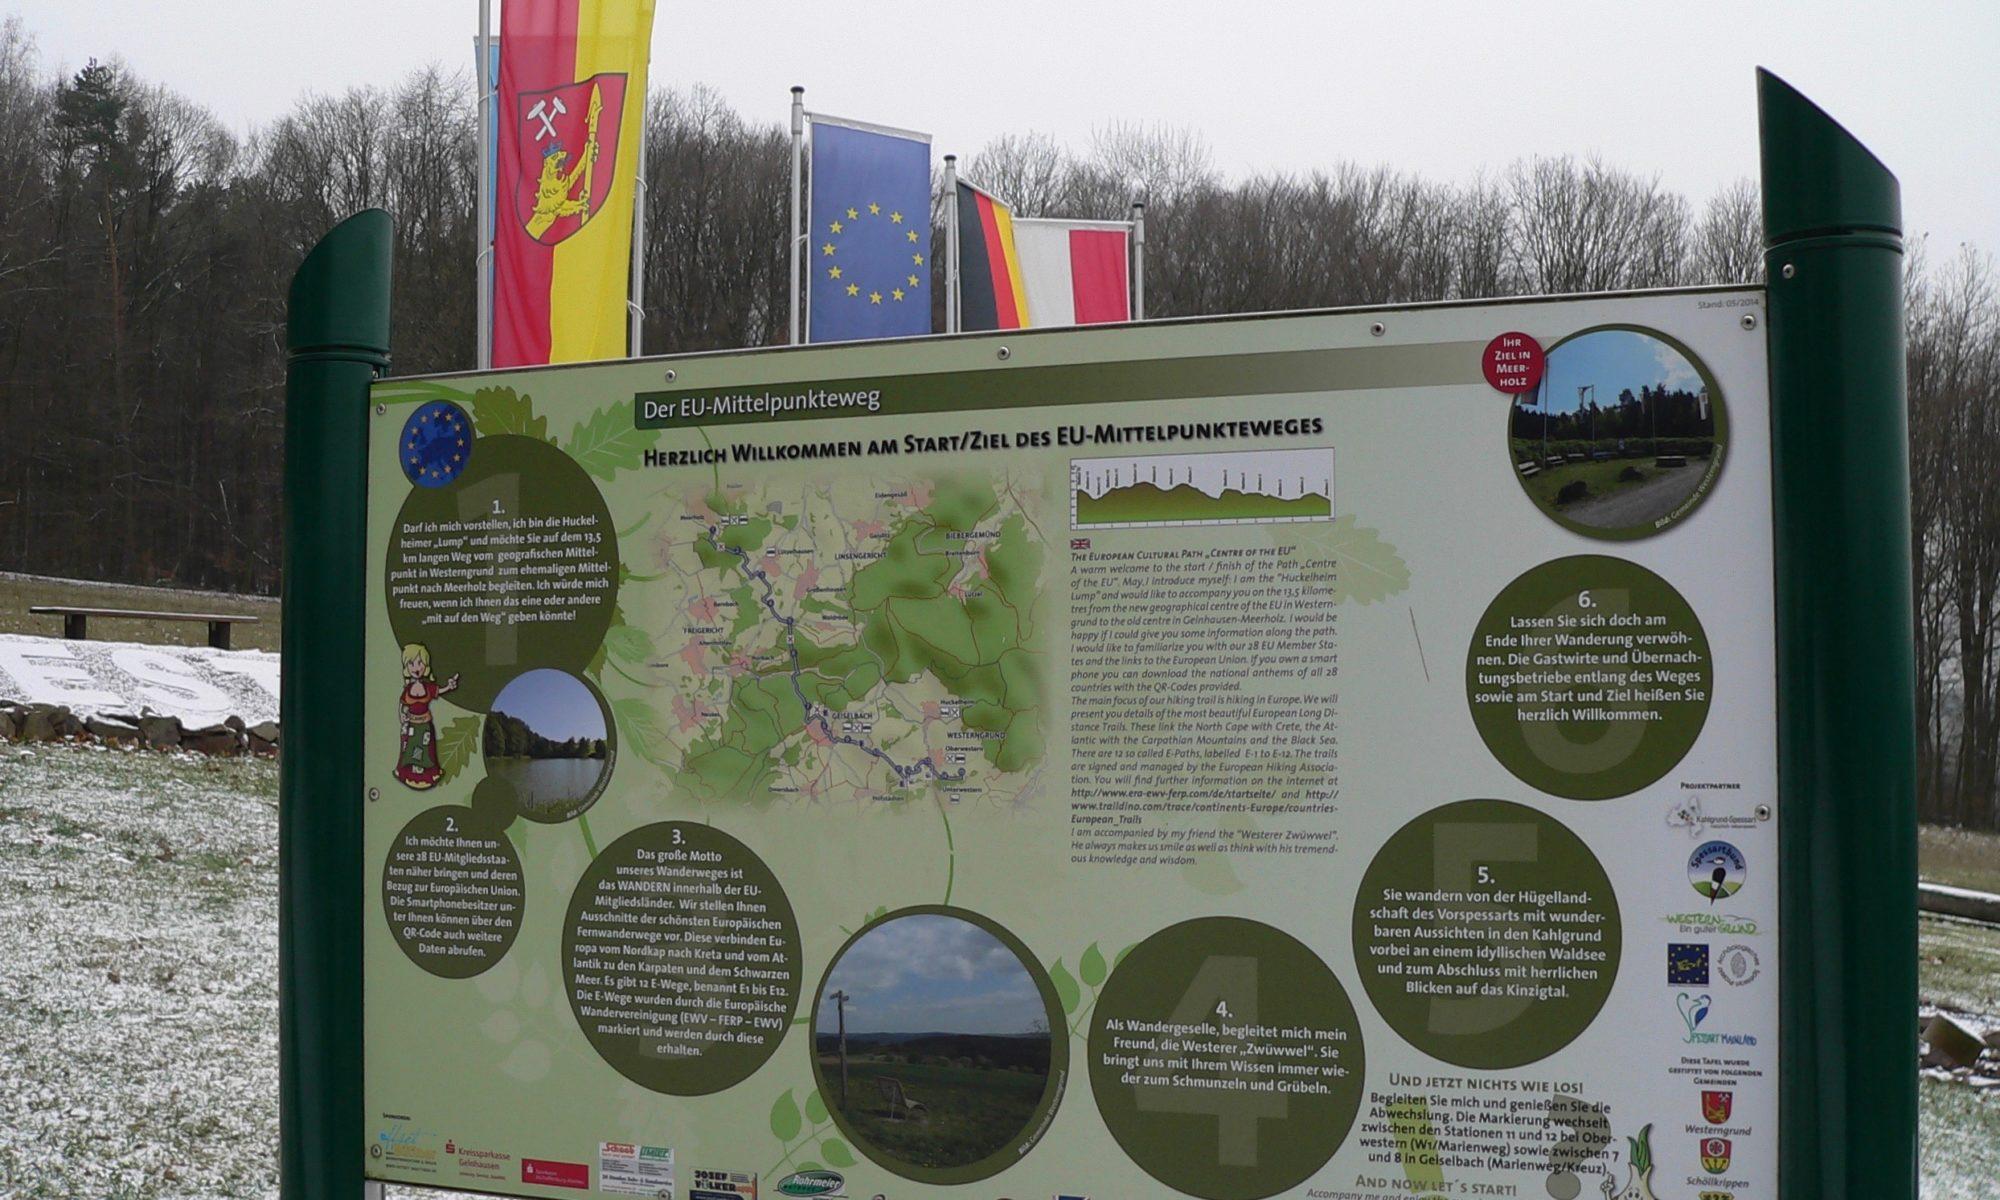 Einstiger EU-Mittelpunkt in Oberwestern. | Foto: B. Schneider